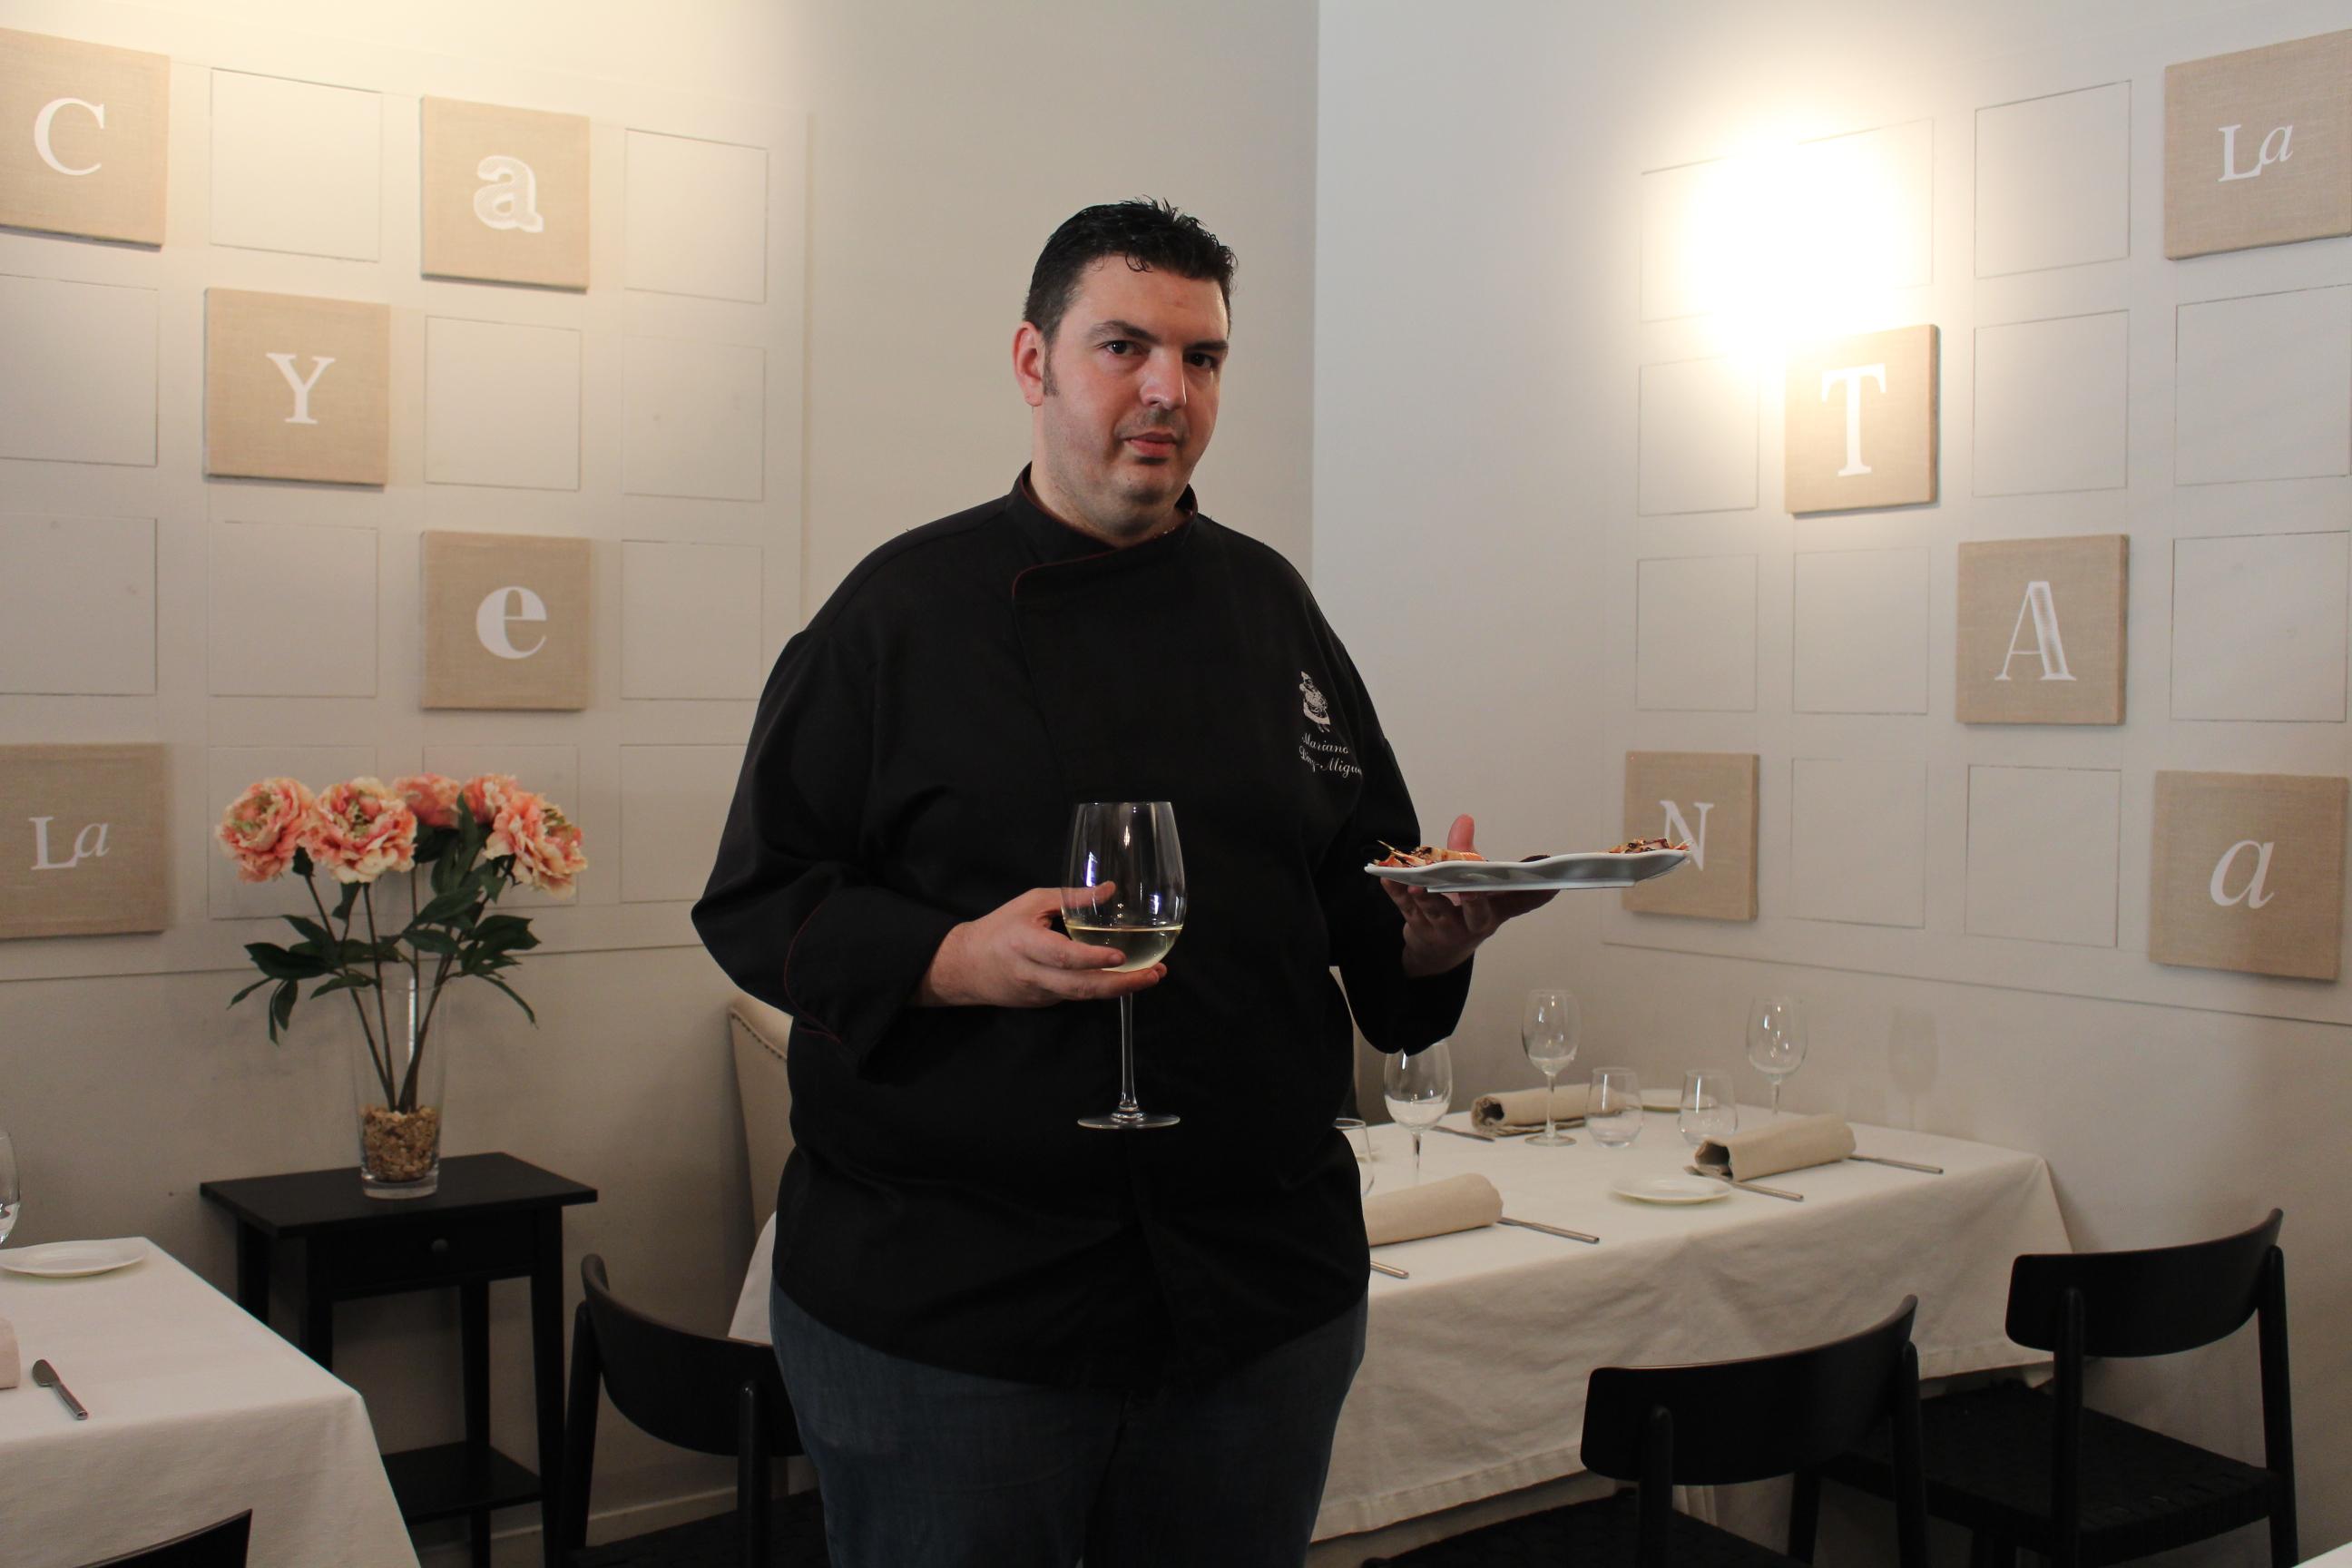 El chef y responsable de La Cayetana Mariano Díaz-Miguel explica su plato de pulpo